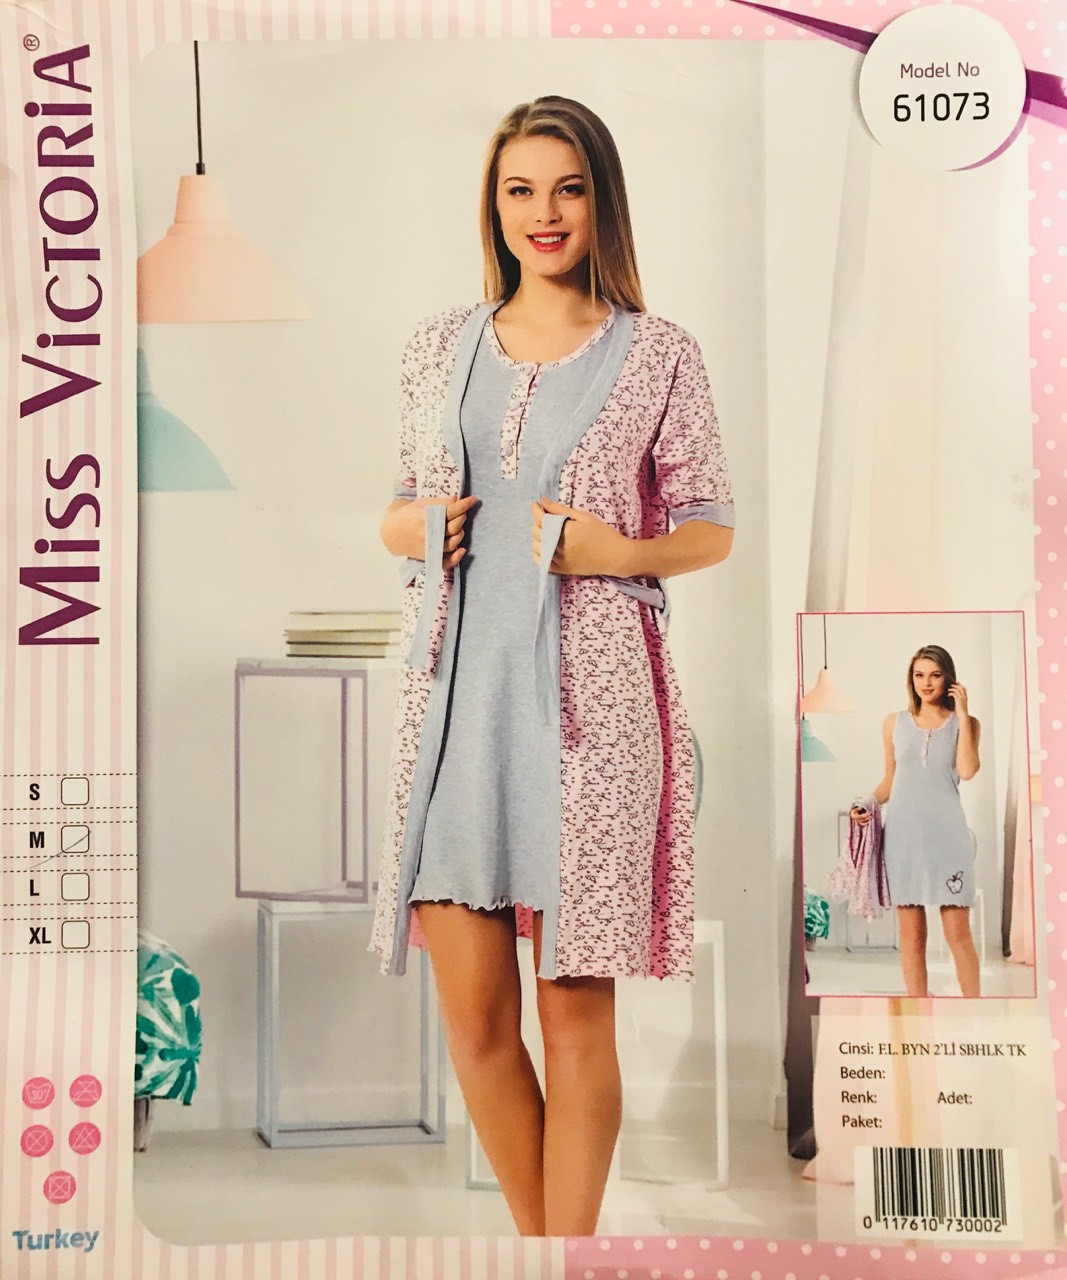 Женская пижама с халатом хлопок Miss Victoria Турция размер S(44) 61073